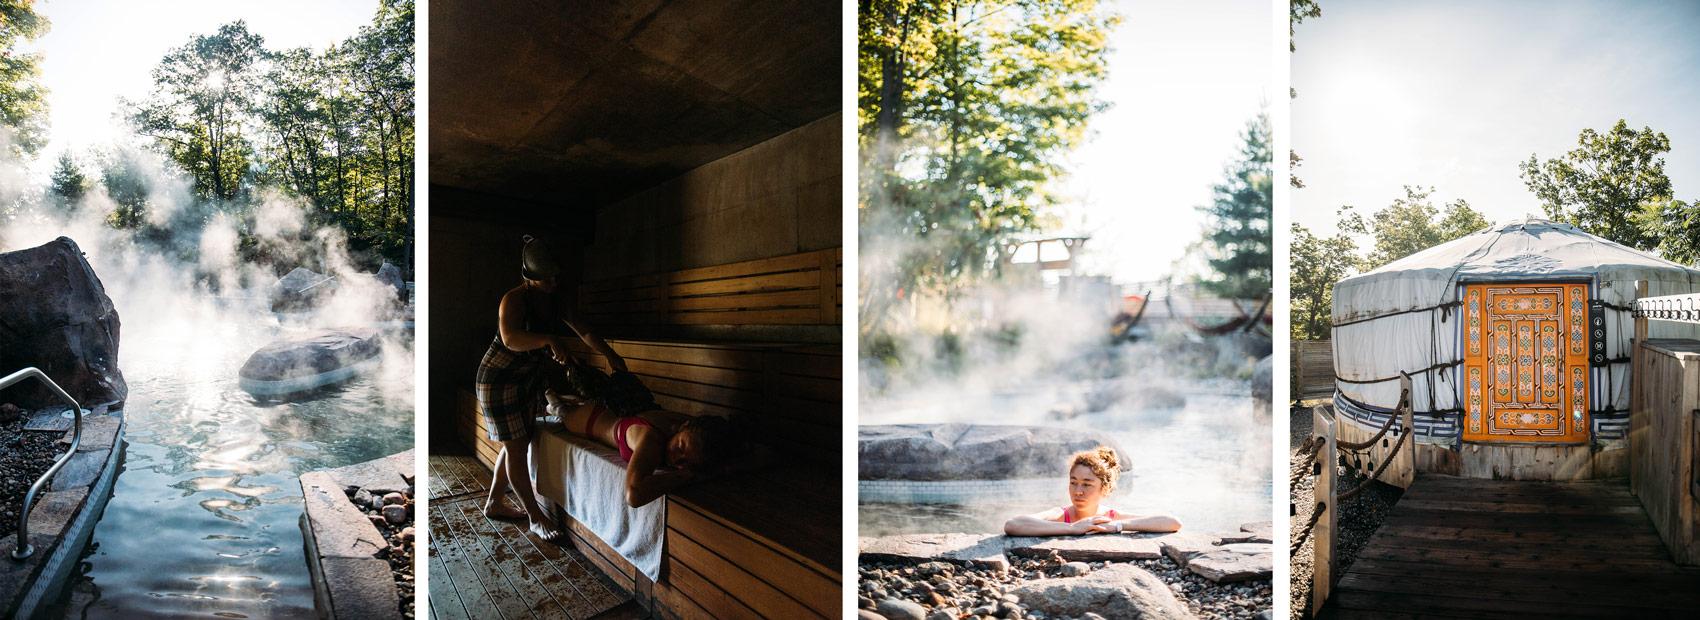 découverte du Nordik spa en Outaouais